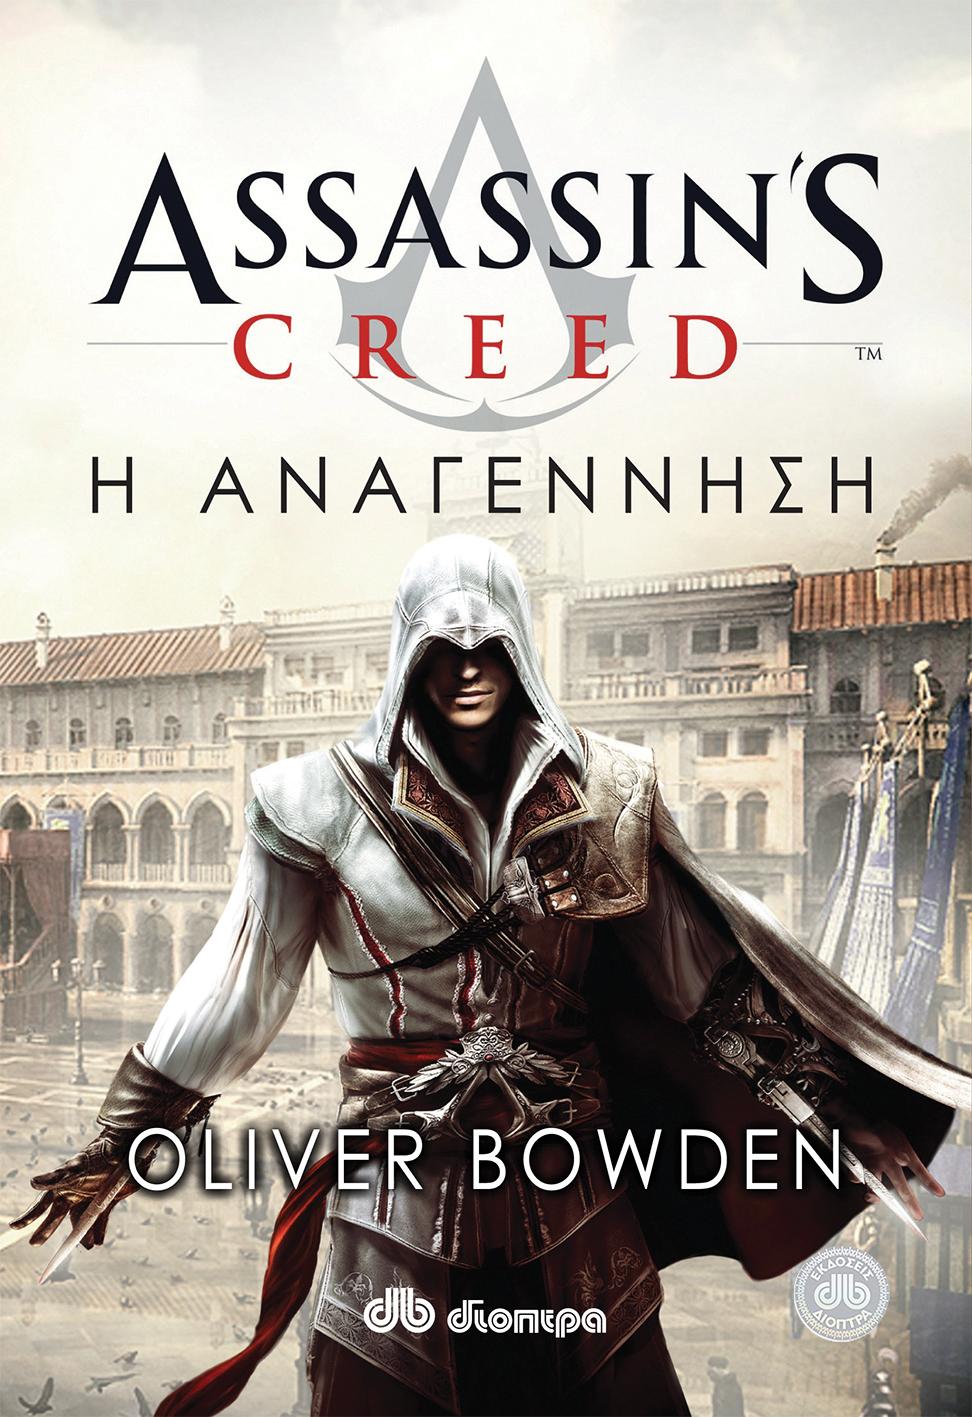 Η Αναγέννηση - Assassin's Creed #1